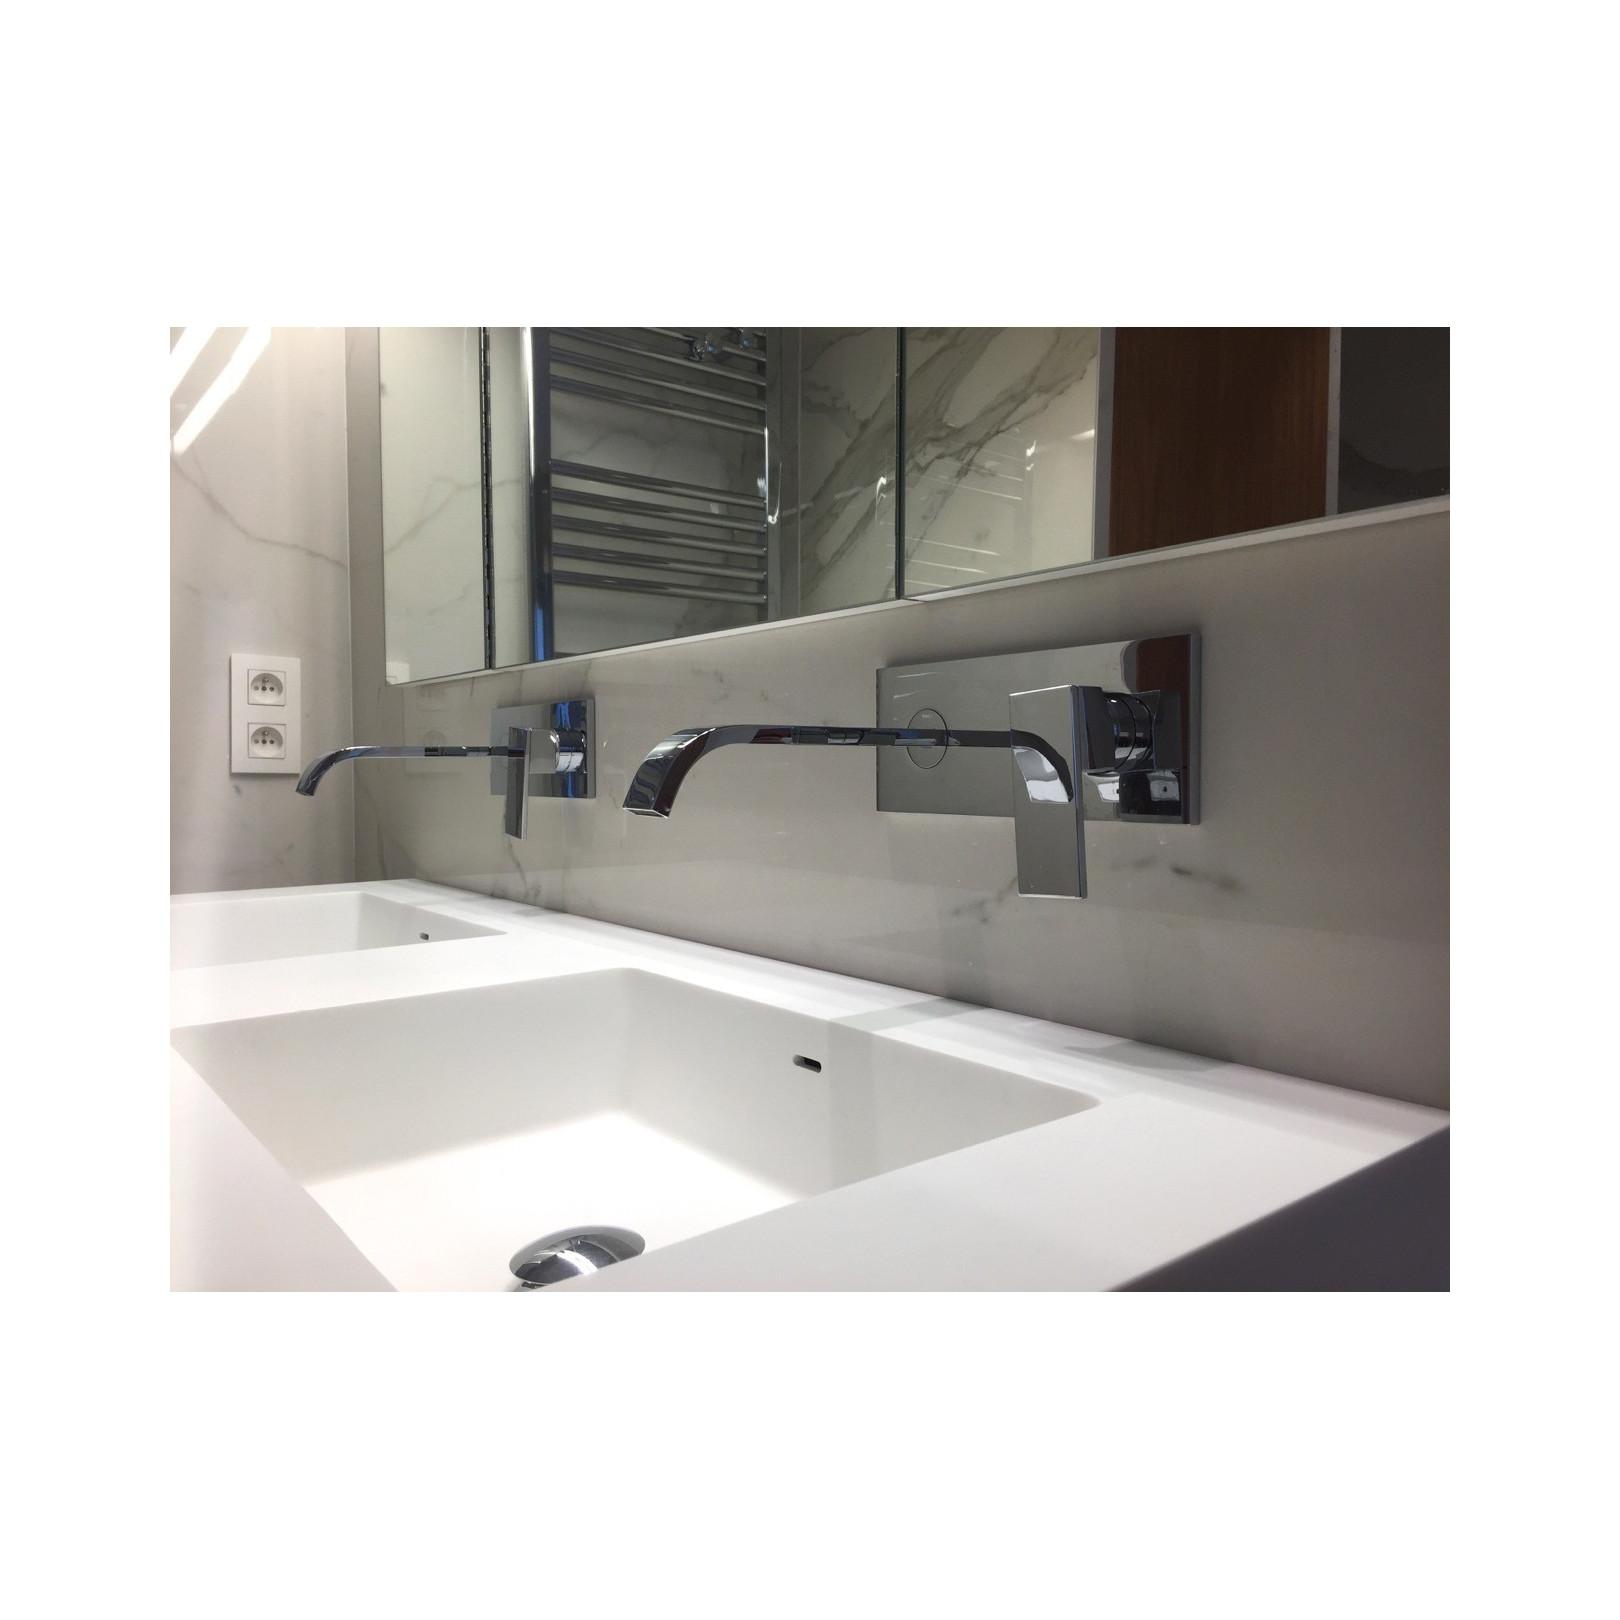 robinet mitigeur 1351857 mural encastr saillie 20cm s rie135 casalux home design. Black Bedroom Furniture Sets. Home Design Ideas